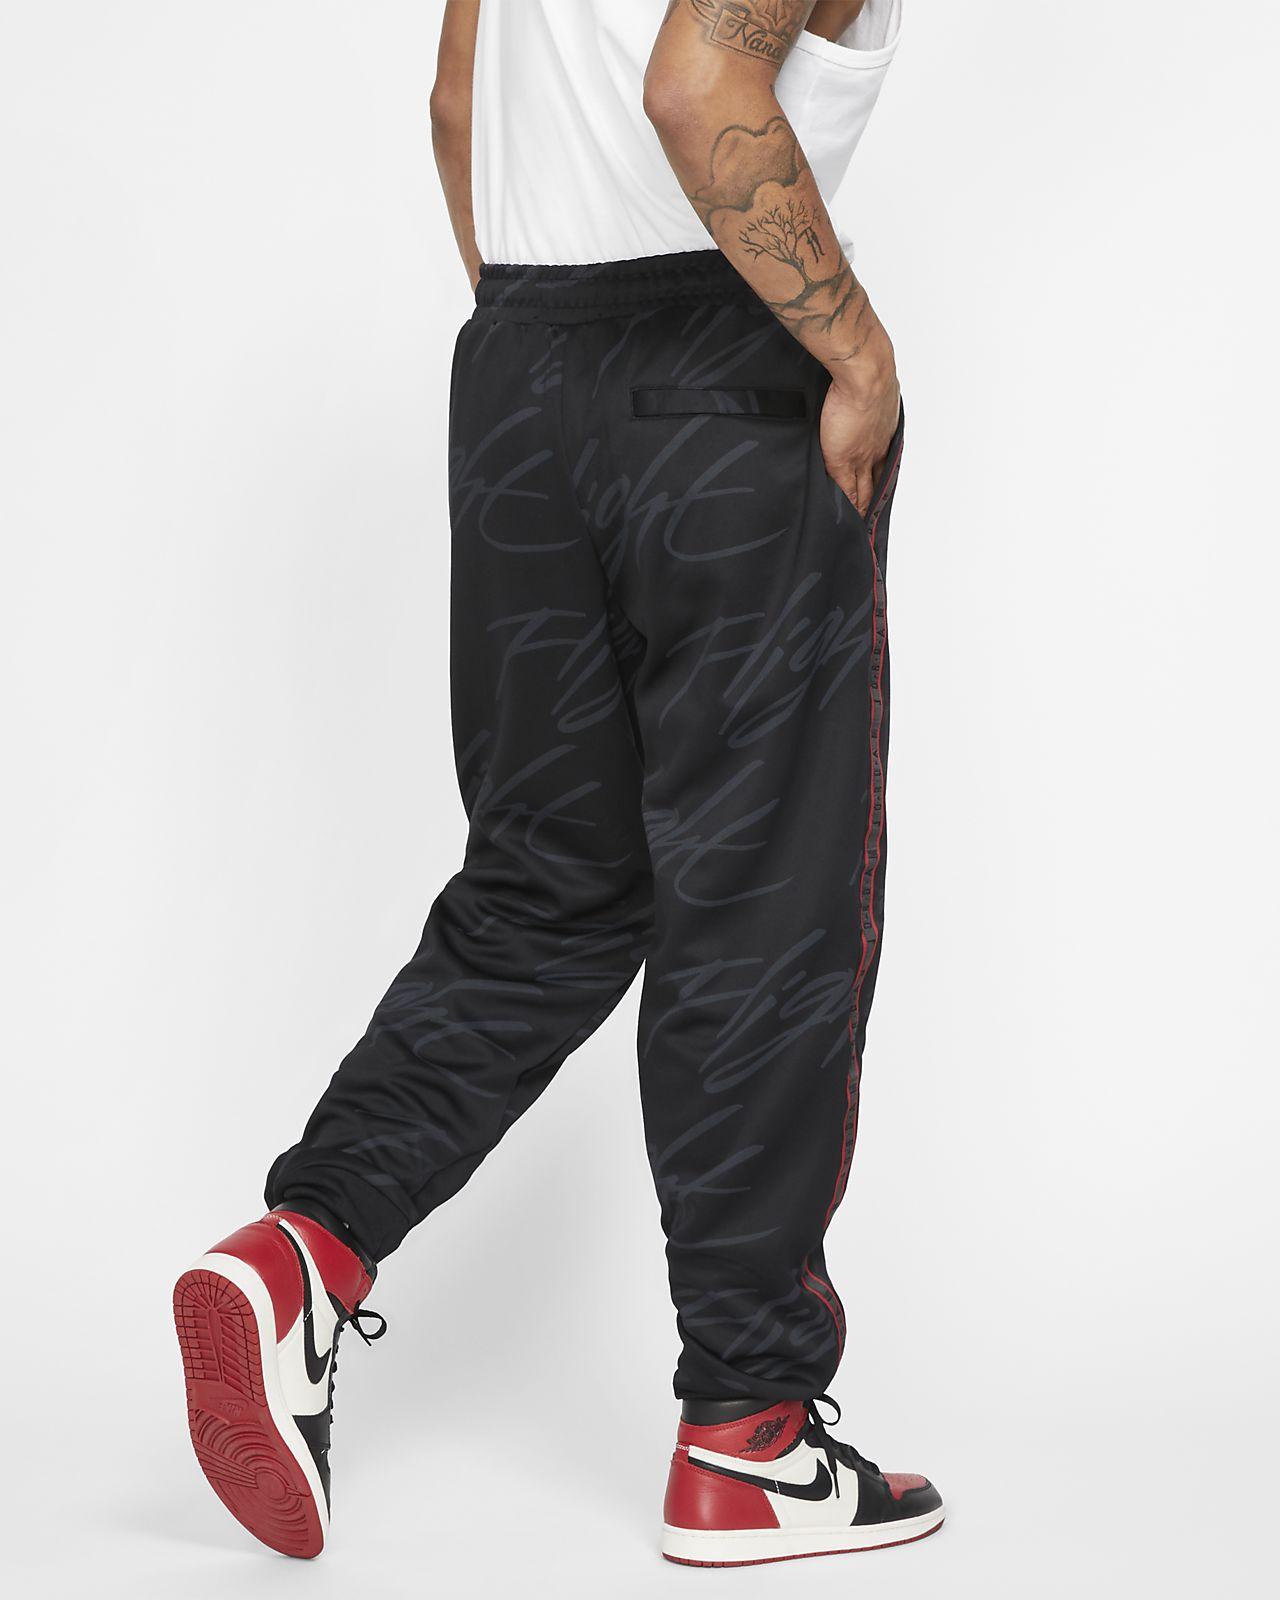 Cl Tricot Hombre Pantalones Jumpman Jordan Estampados Para fpxOgA1